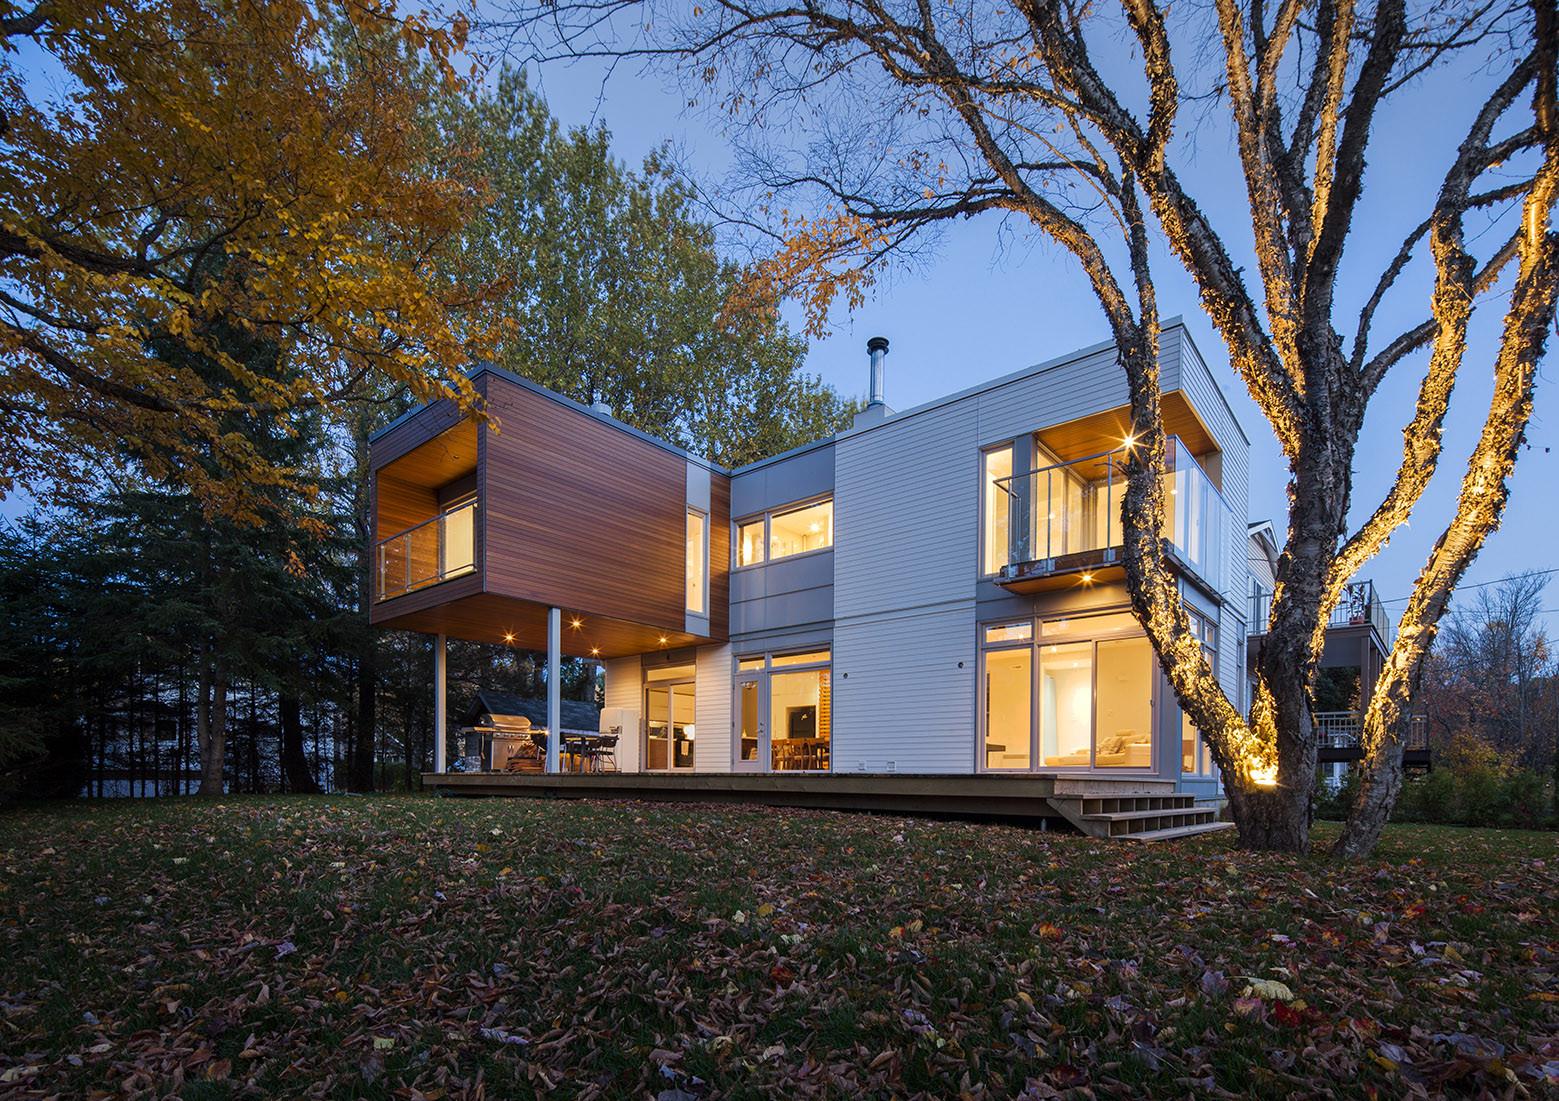 galer a de casa l ccm2 architectes 9. Black Bedroom Furniture Sets. Home Design Ideas